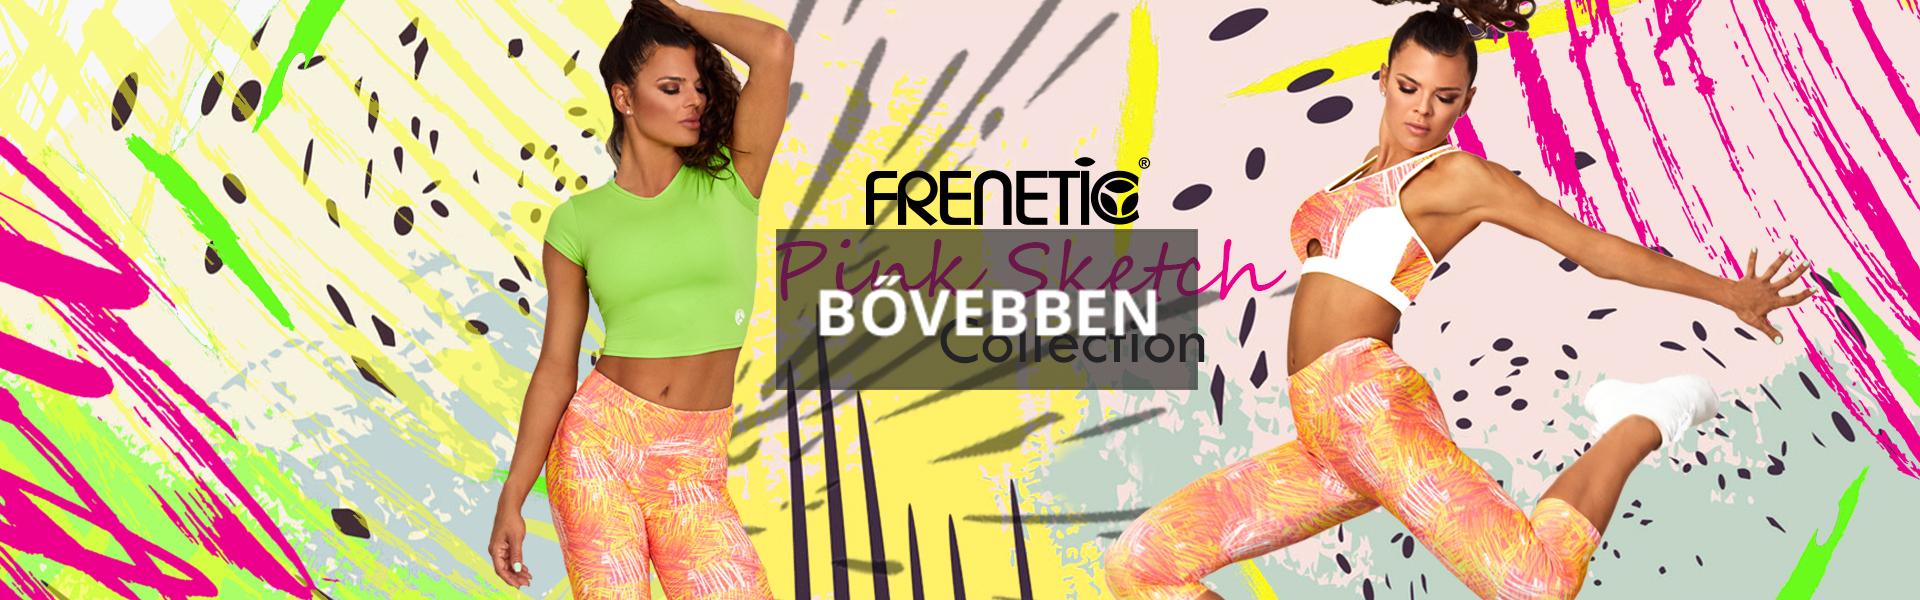 Frenetic Flash szürke sárga női fitnesz kollekció